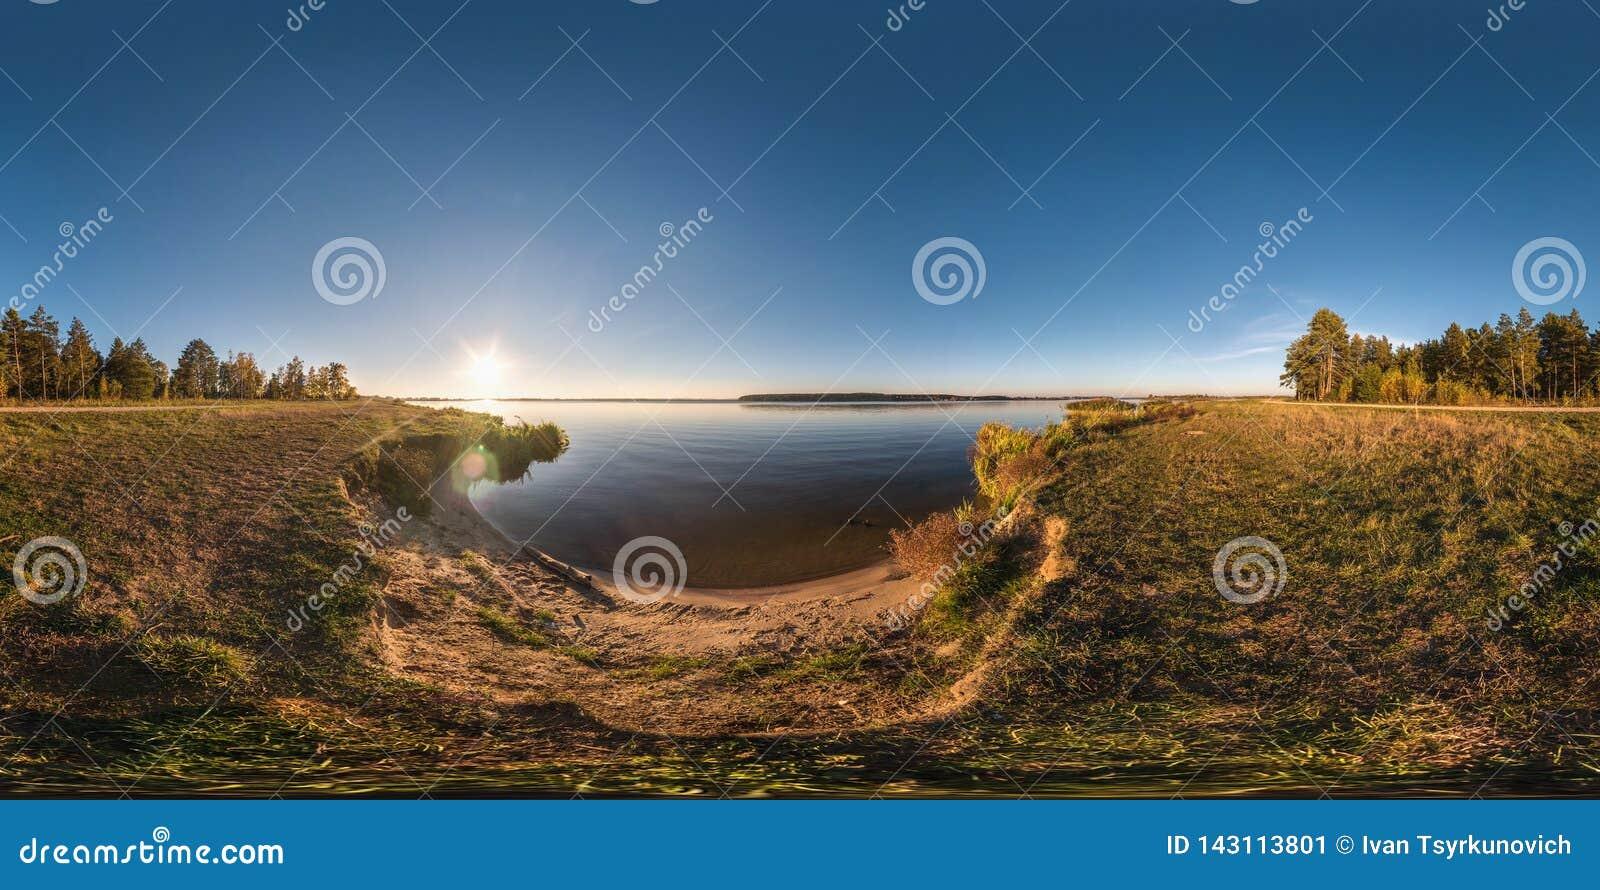 Pełna bezszwowa bańczasta sześcian panorama 360 stopni kąta widoku na brzeg szerokości rzeczny neman w pogodnym lato wieczór zmie